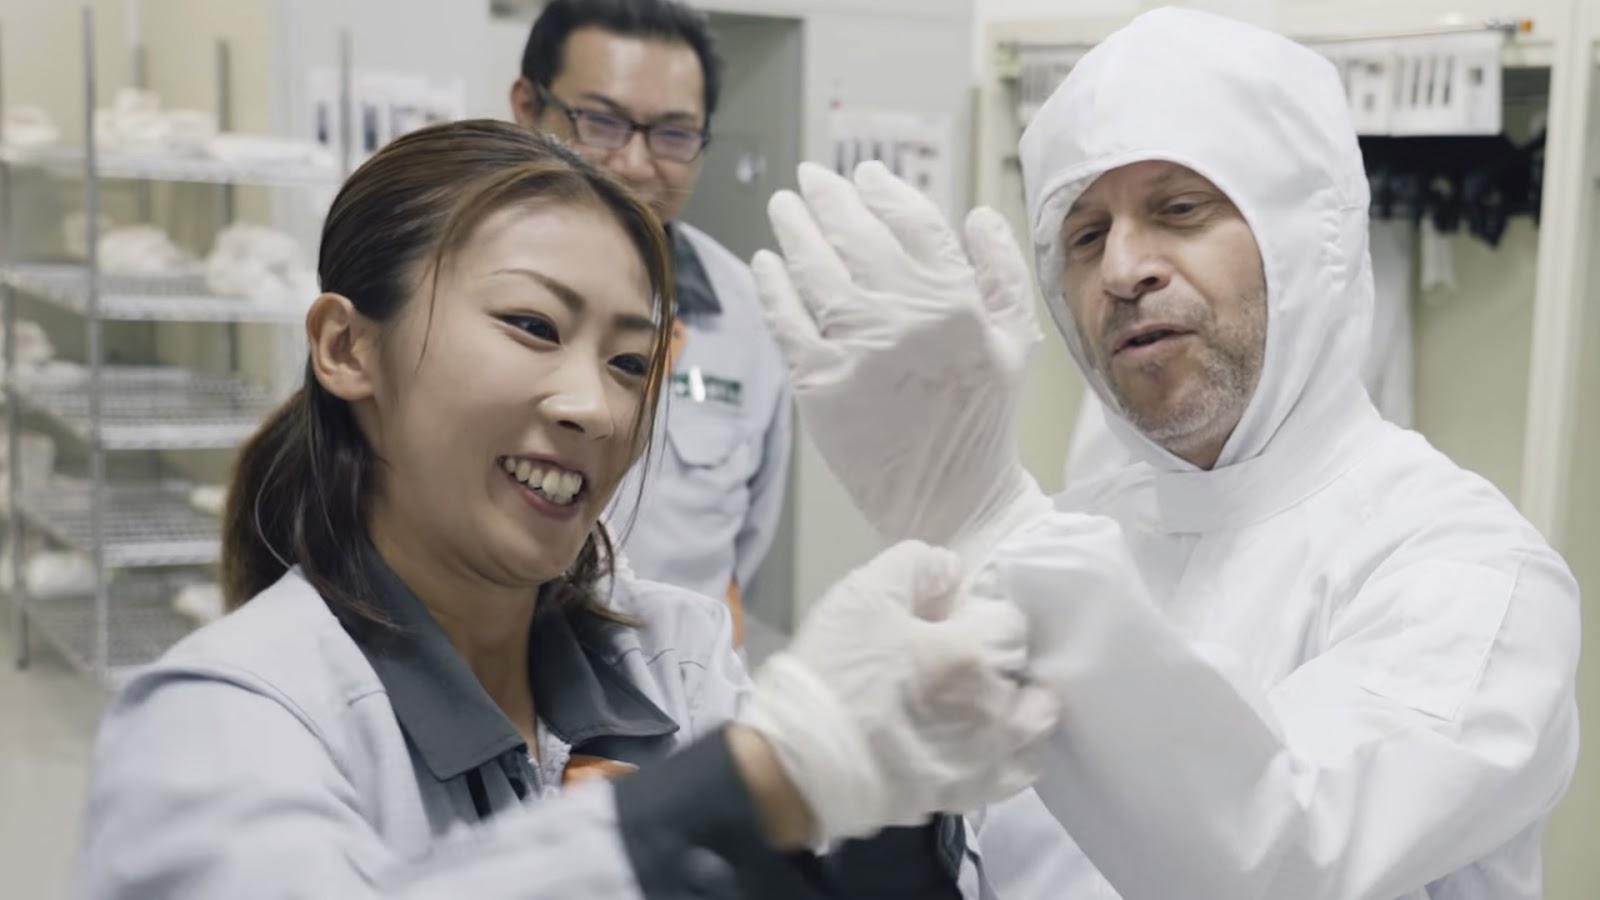 Процесс облачения для допуска на фабрику фототехники Fujifilm